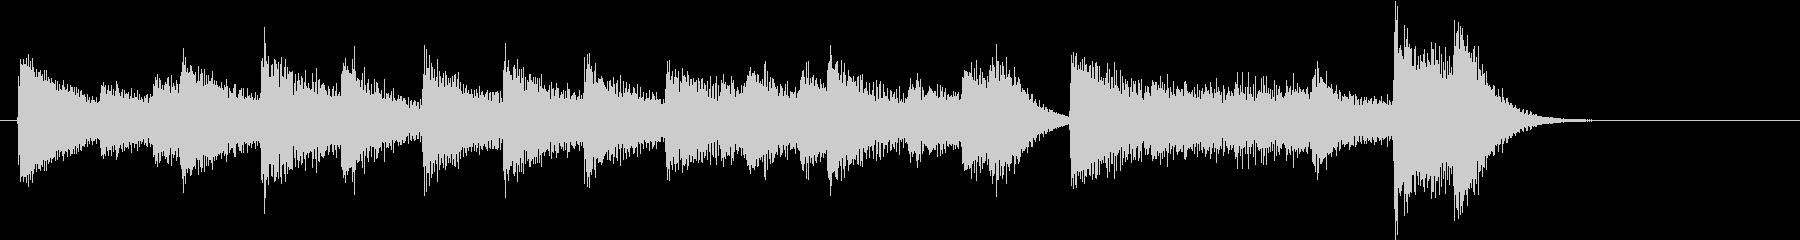 ひいらぎかざろうモチーフピアノジングルCの未再生の波形